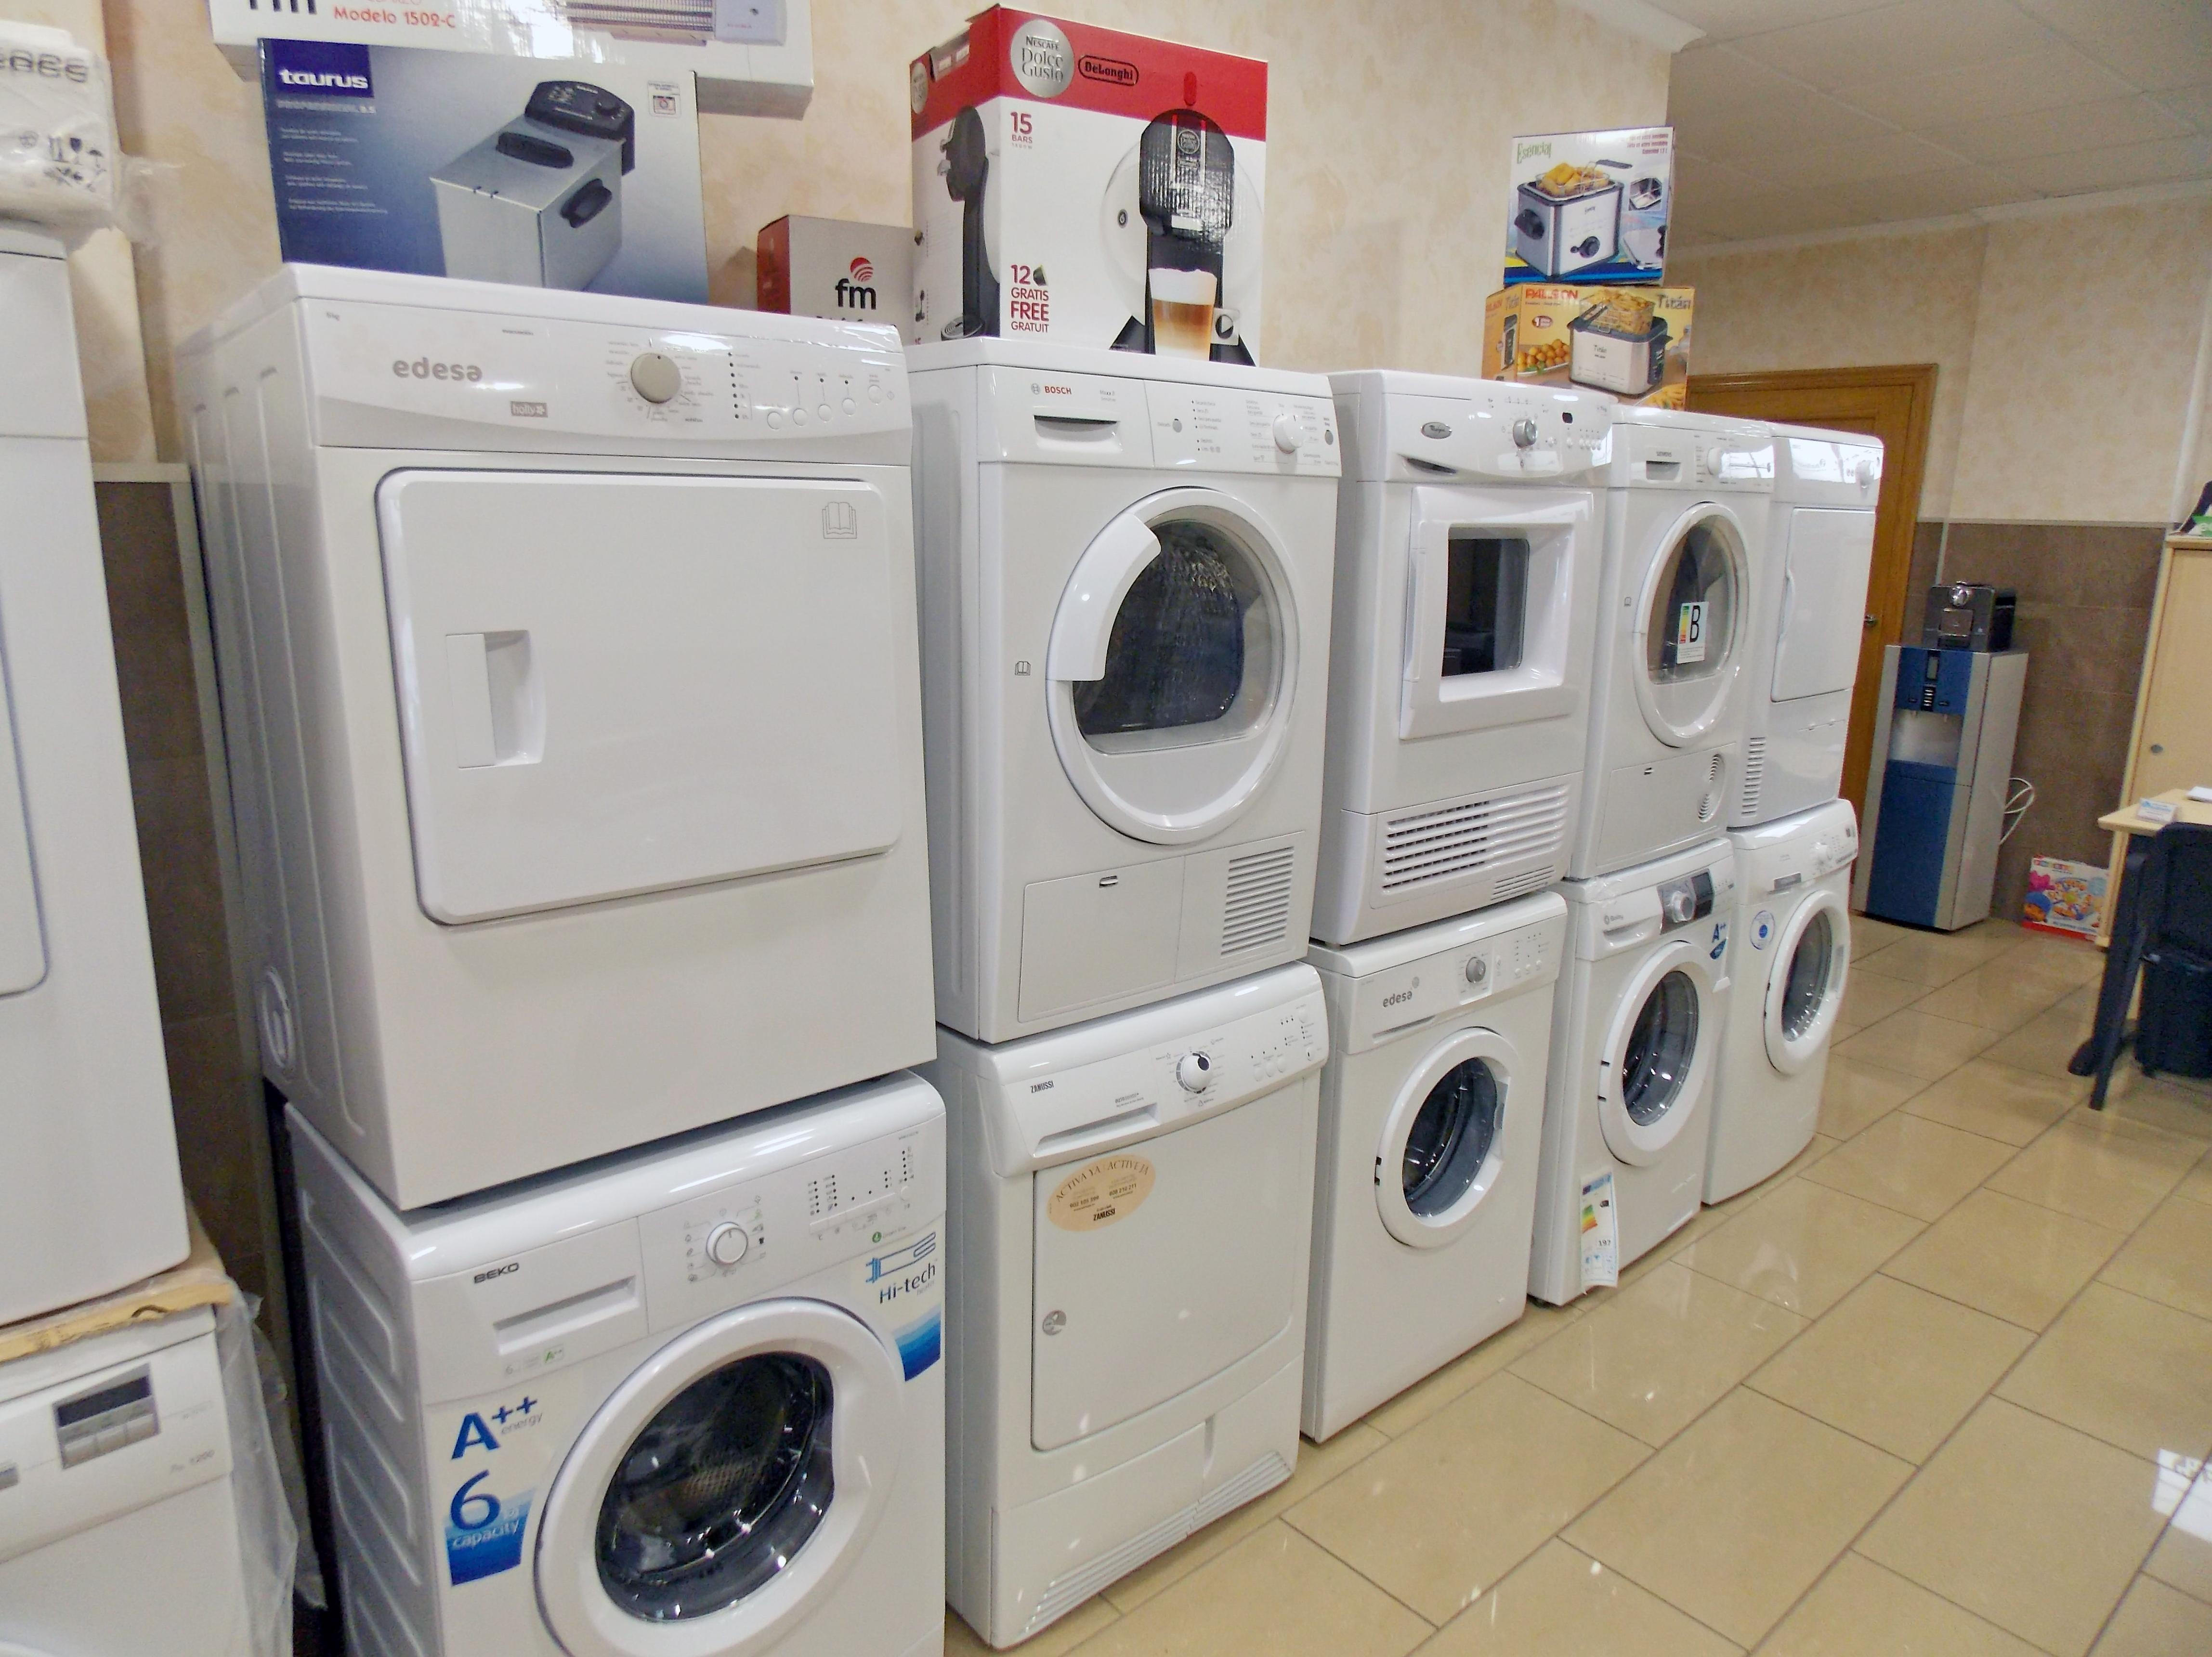 Venta y exposición de electrodomésticos